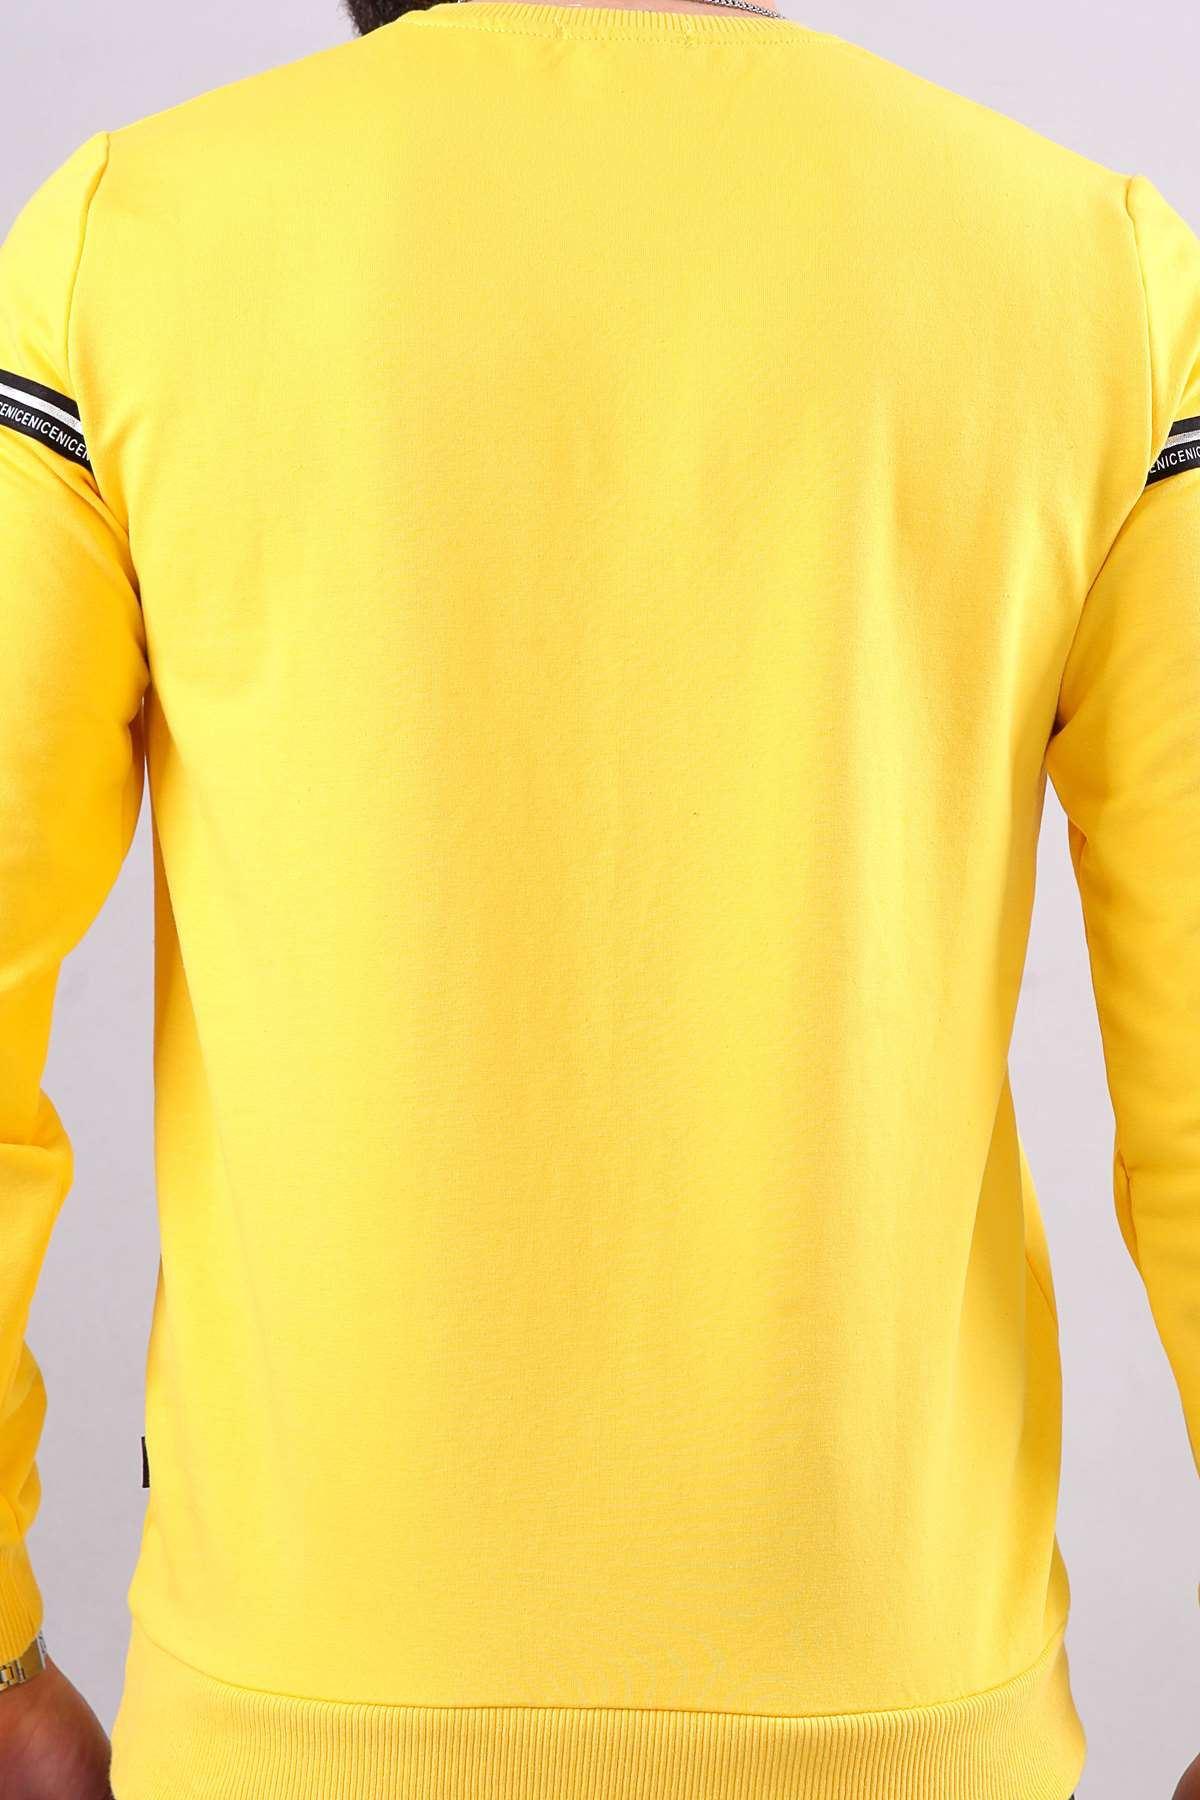 Reklan Kol Parlak Şerit Yazılı Sweatshırt Sarı